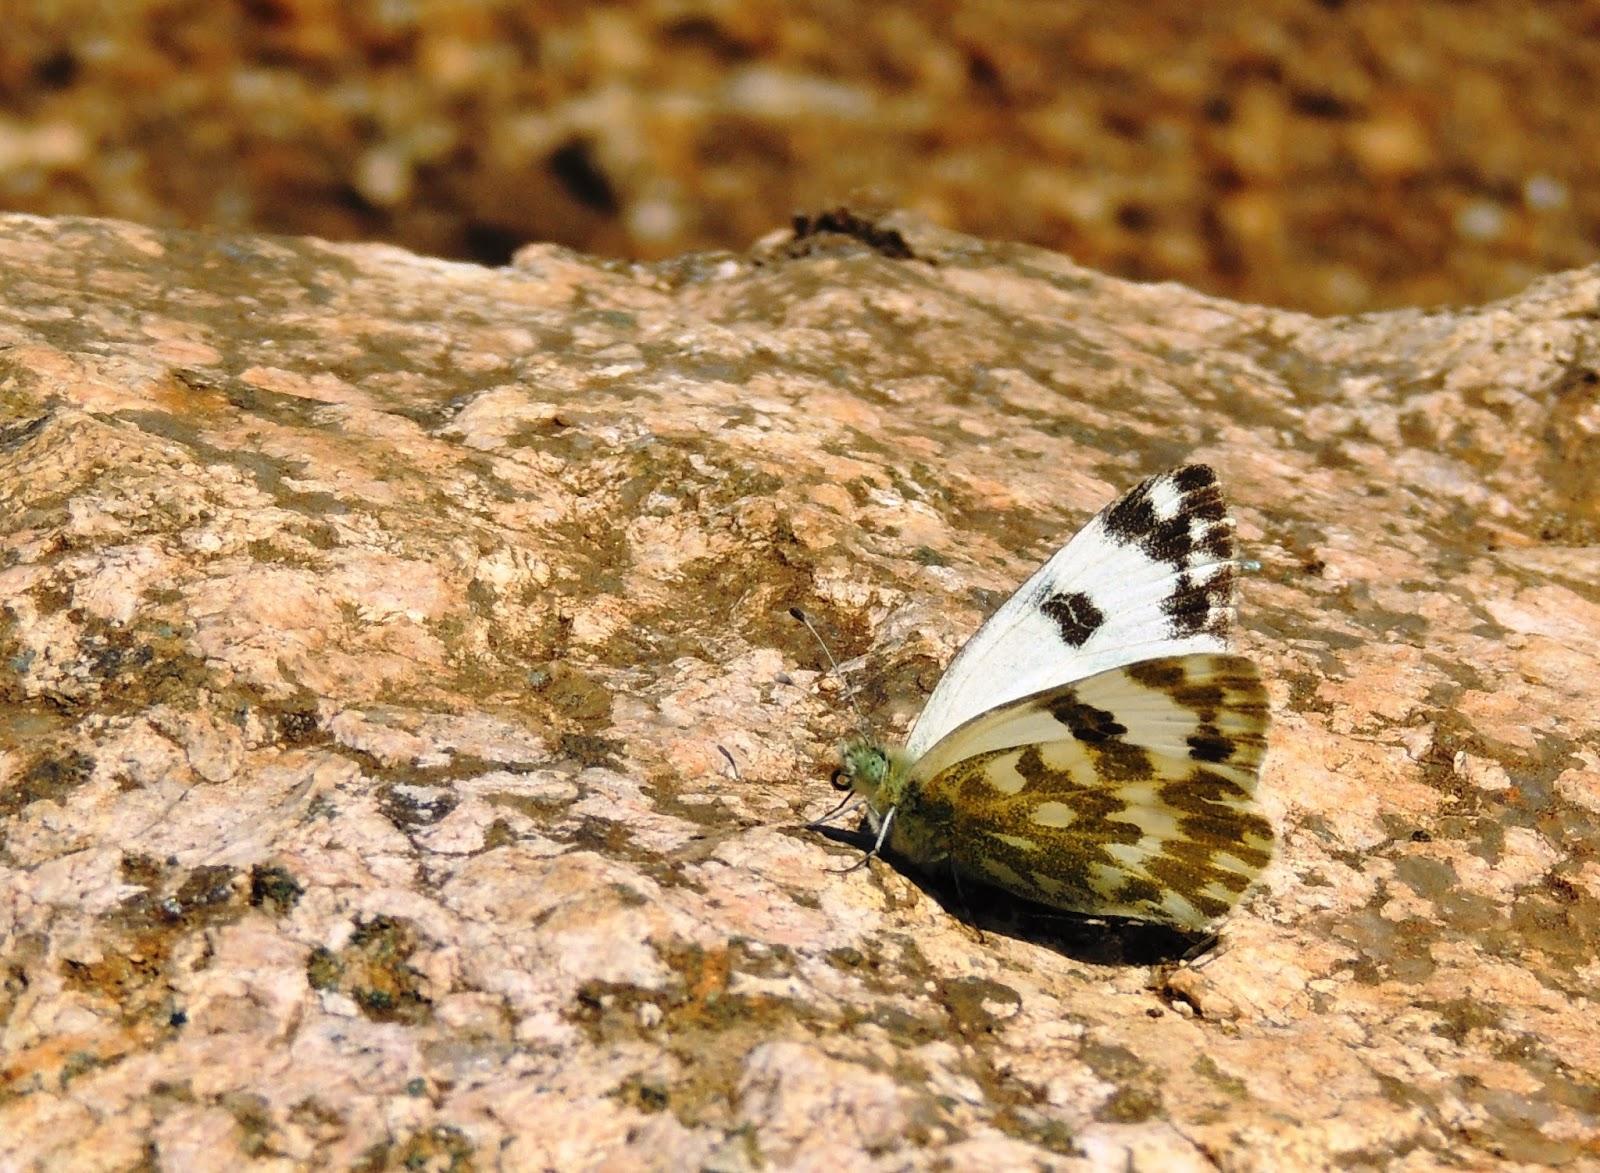 Ápice del par delantero de Pontia daplidice